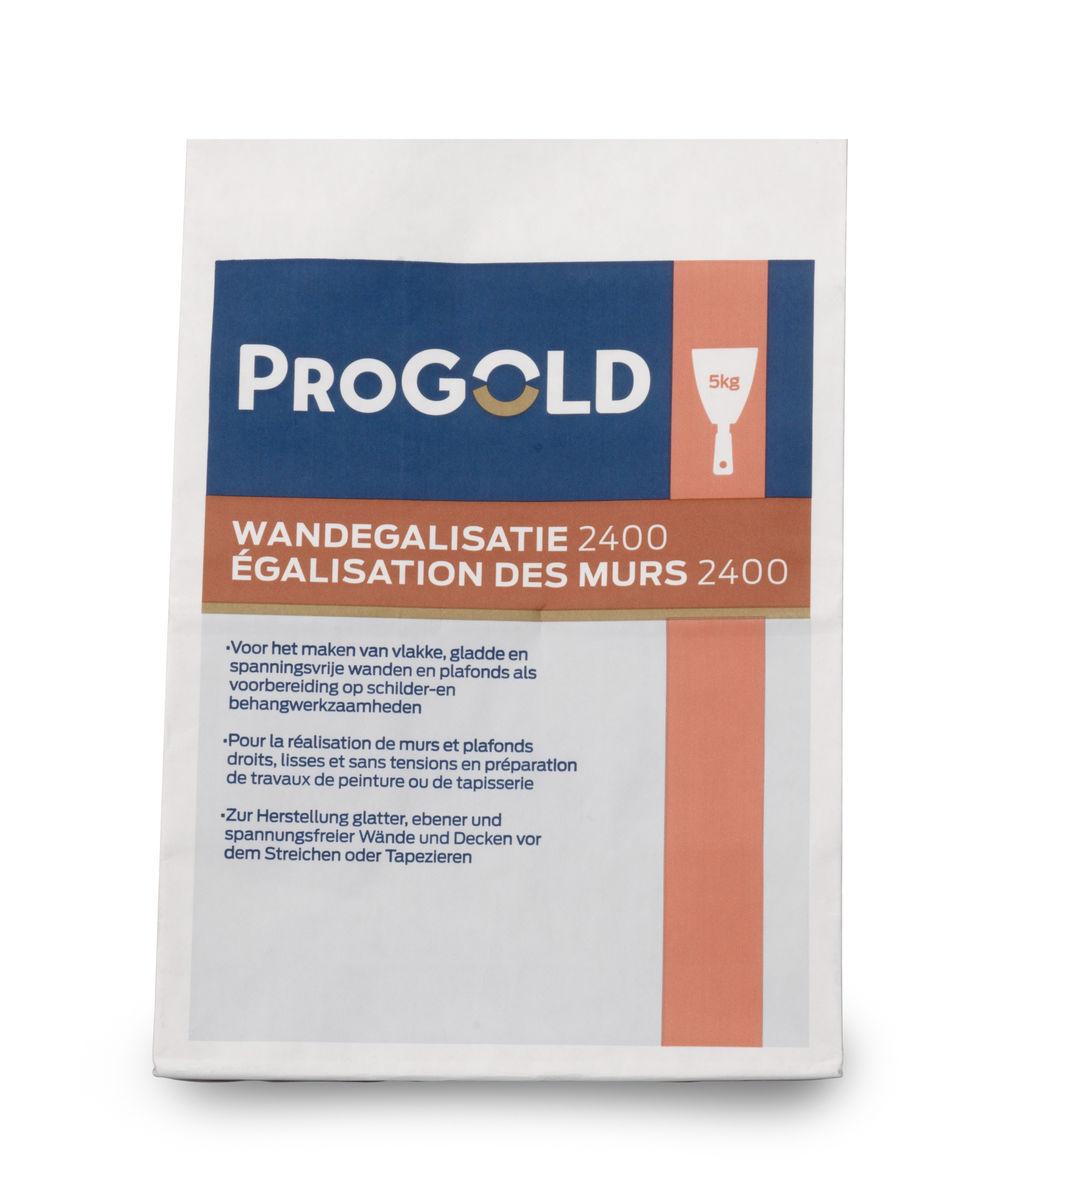 ProGold 2400 Egalisation des murs